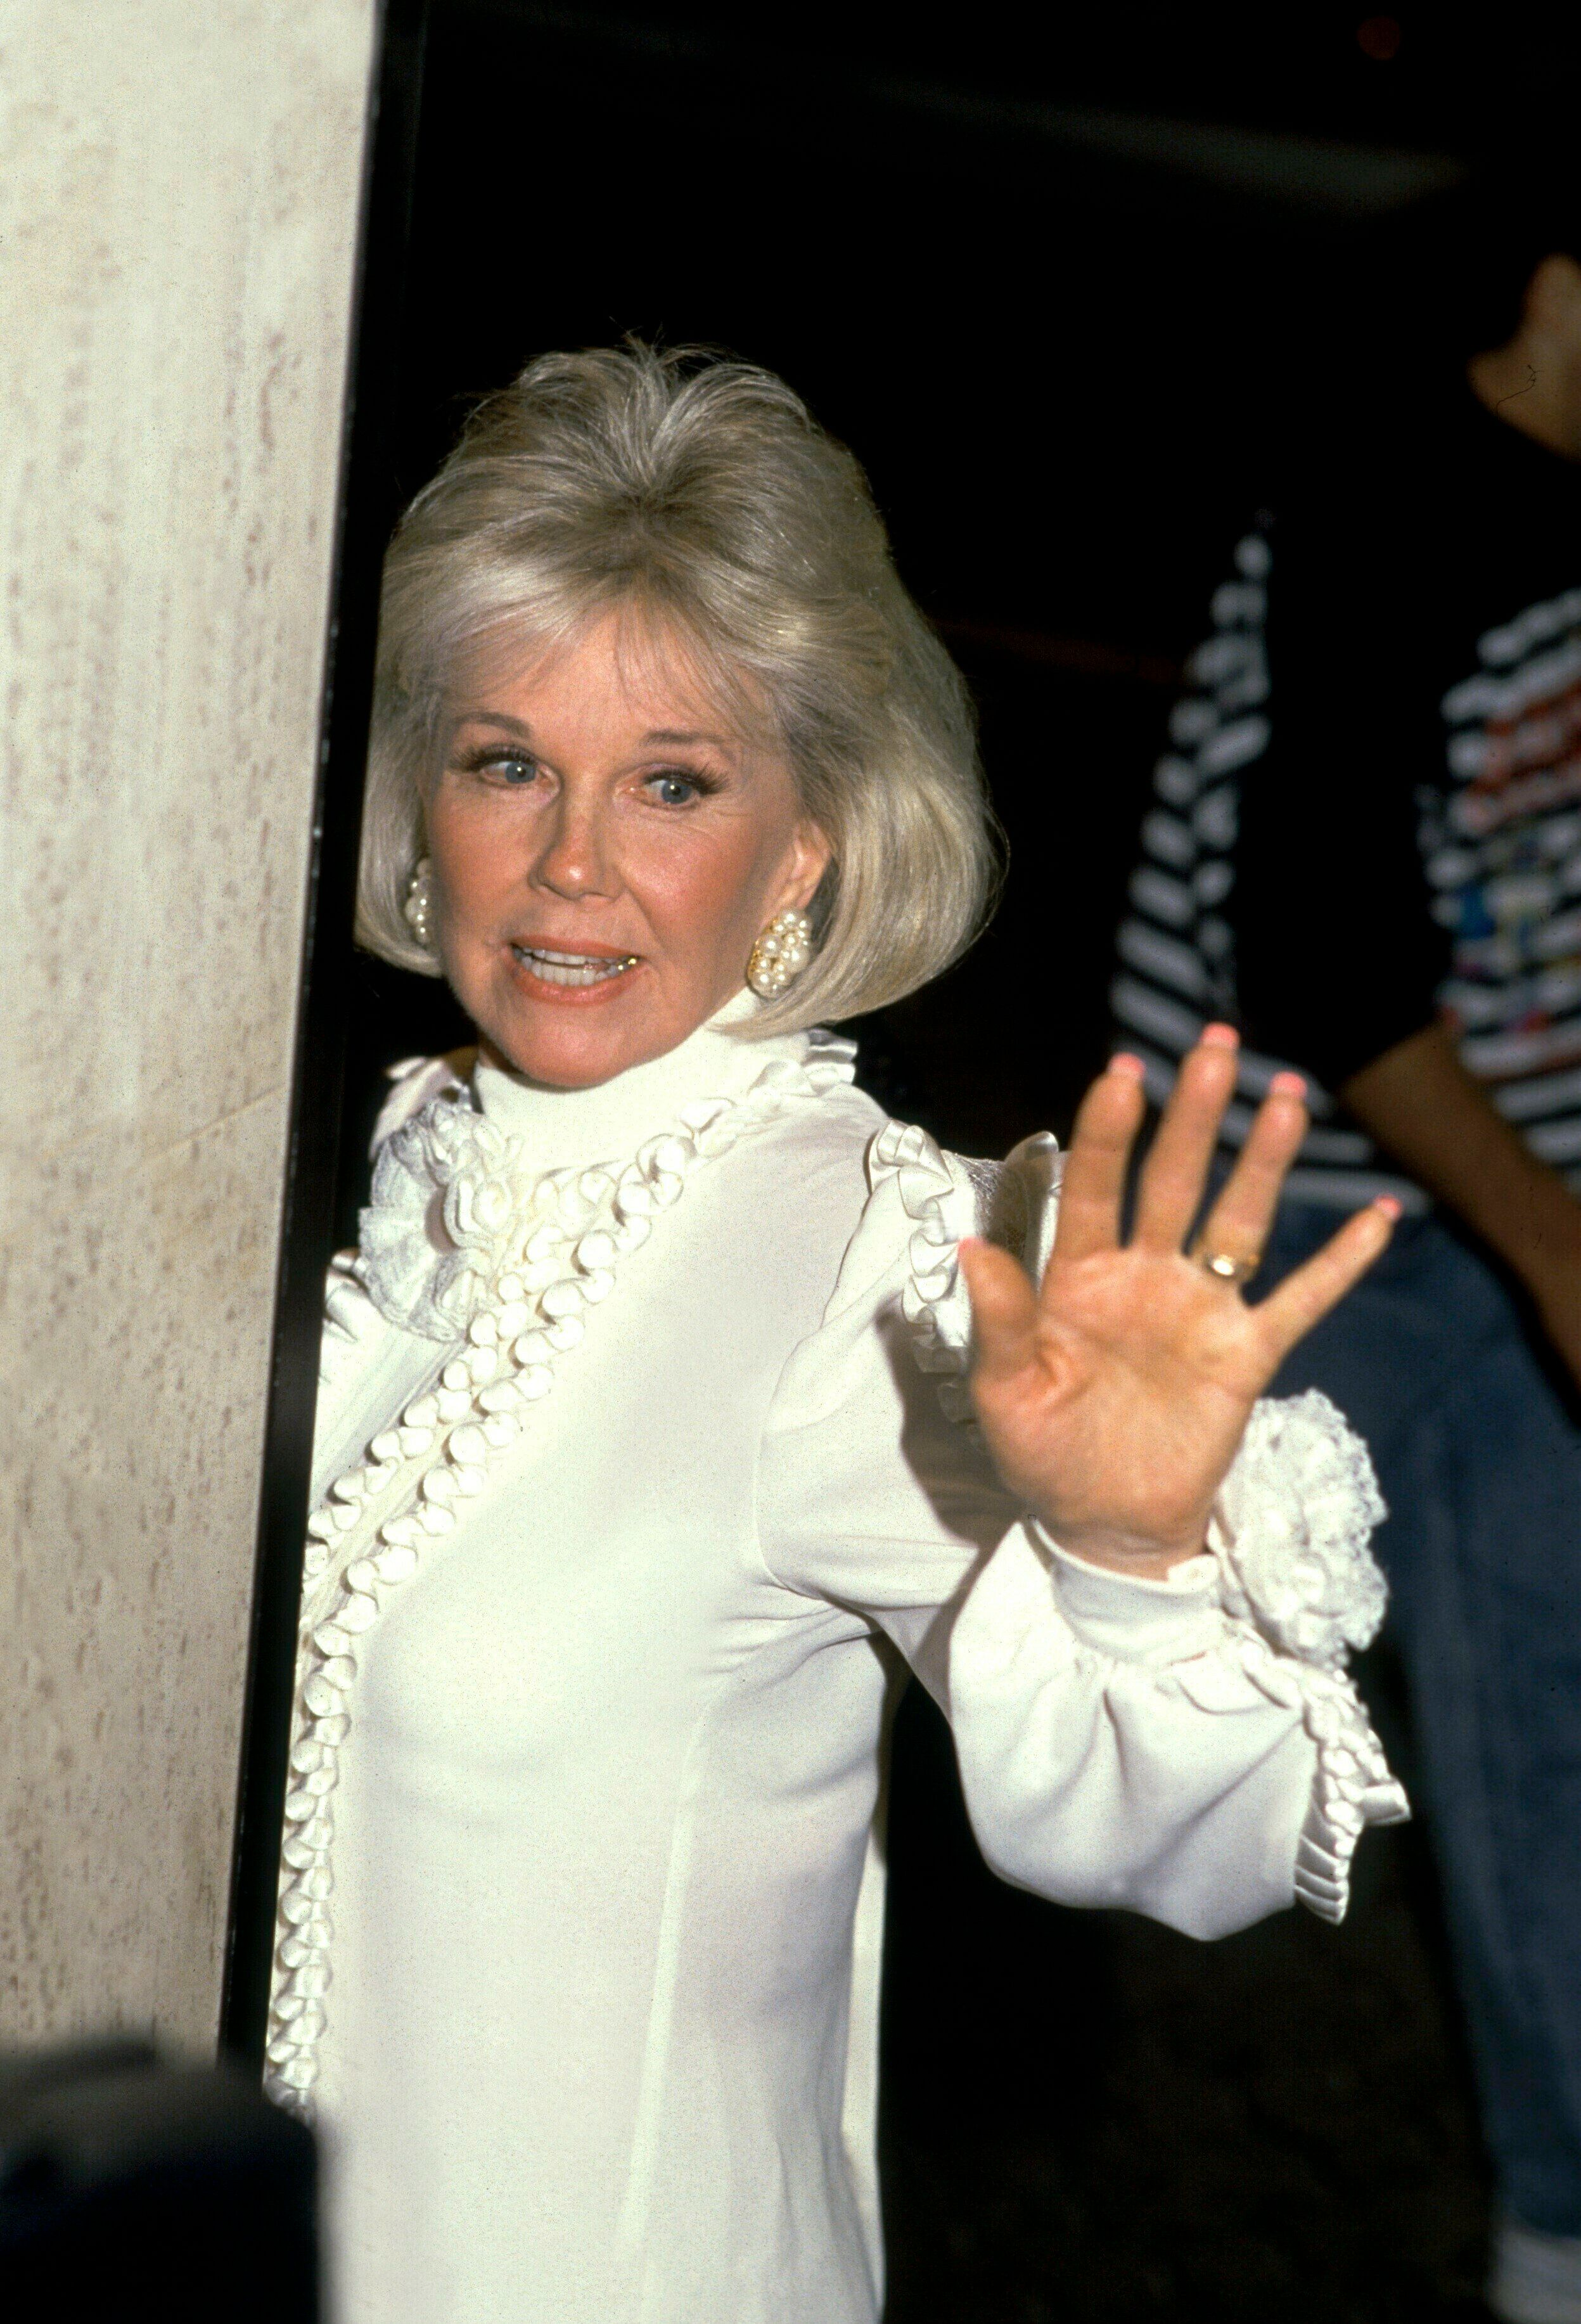 Πέθανε η ηθοποιός Ντόρις Ντέι σε ηλικία 97